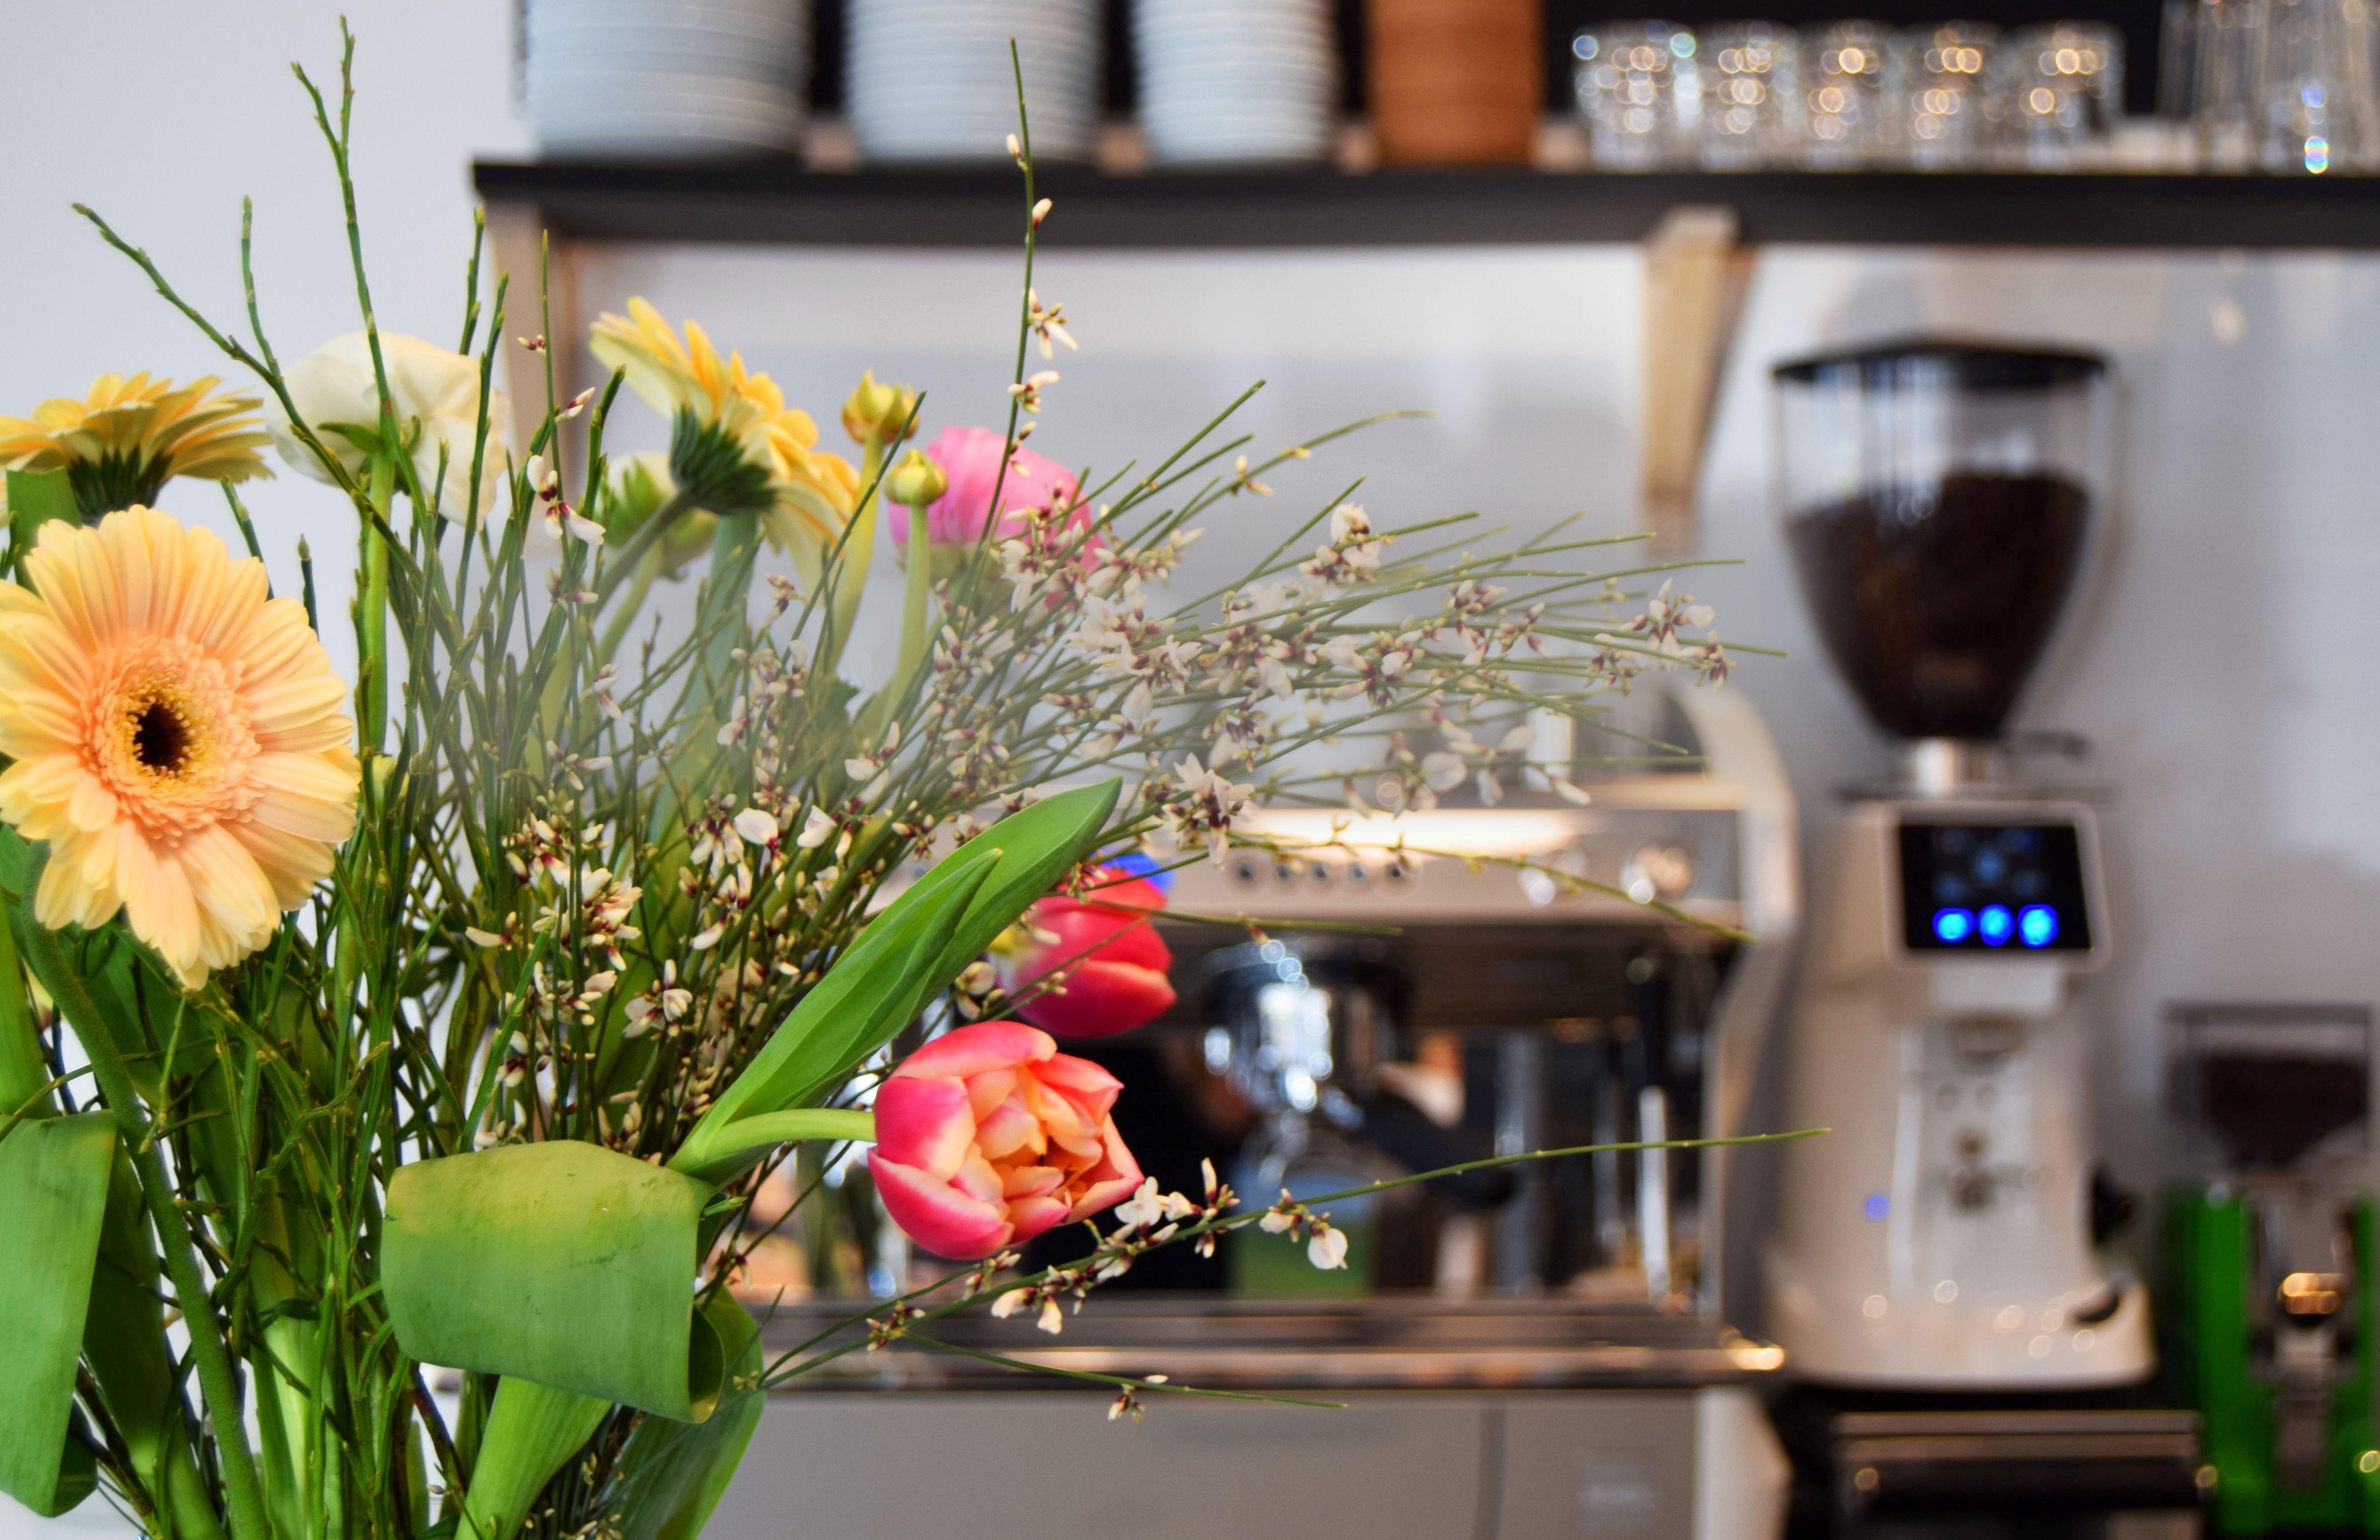 Hausgemachte Kuchen & leckere Kaffeespezialitäten